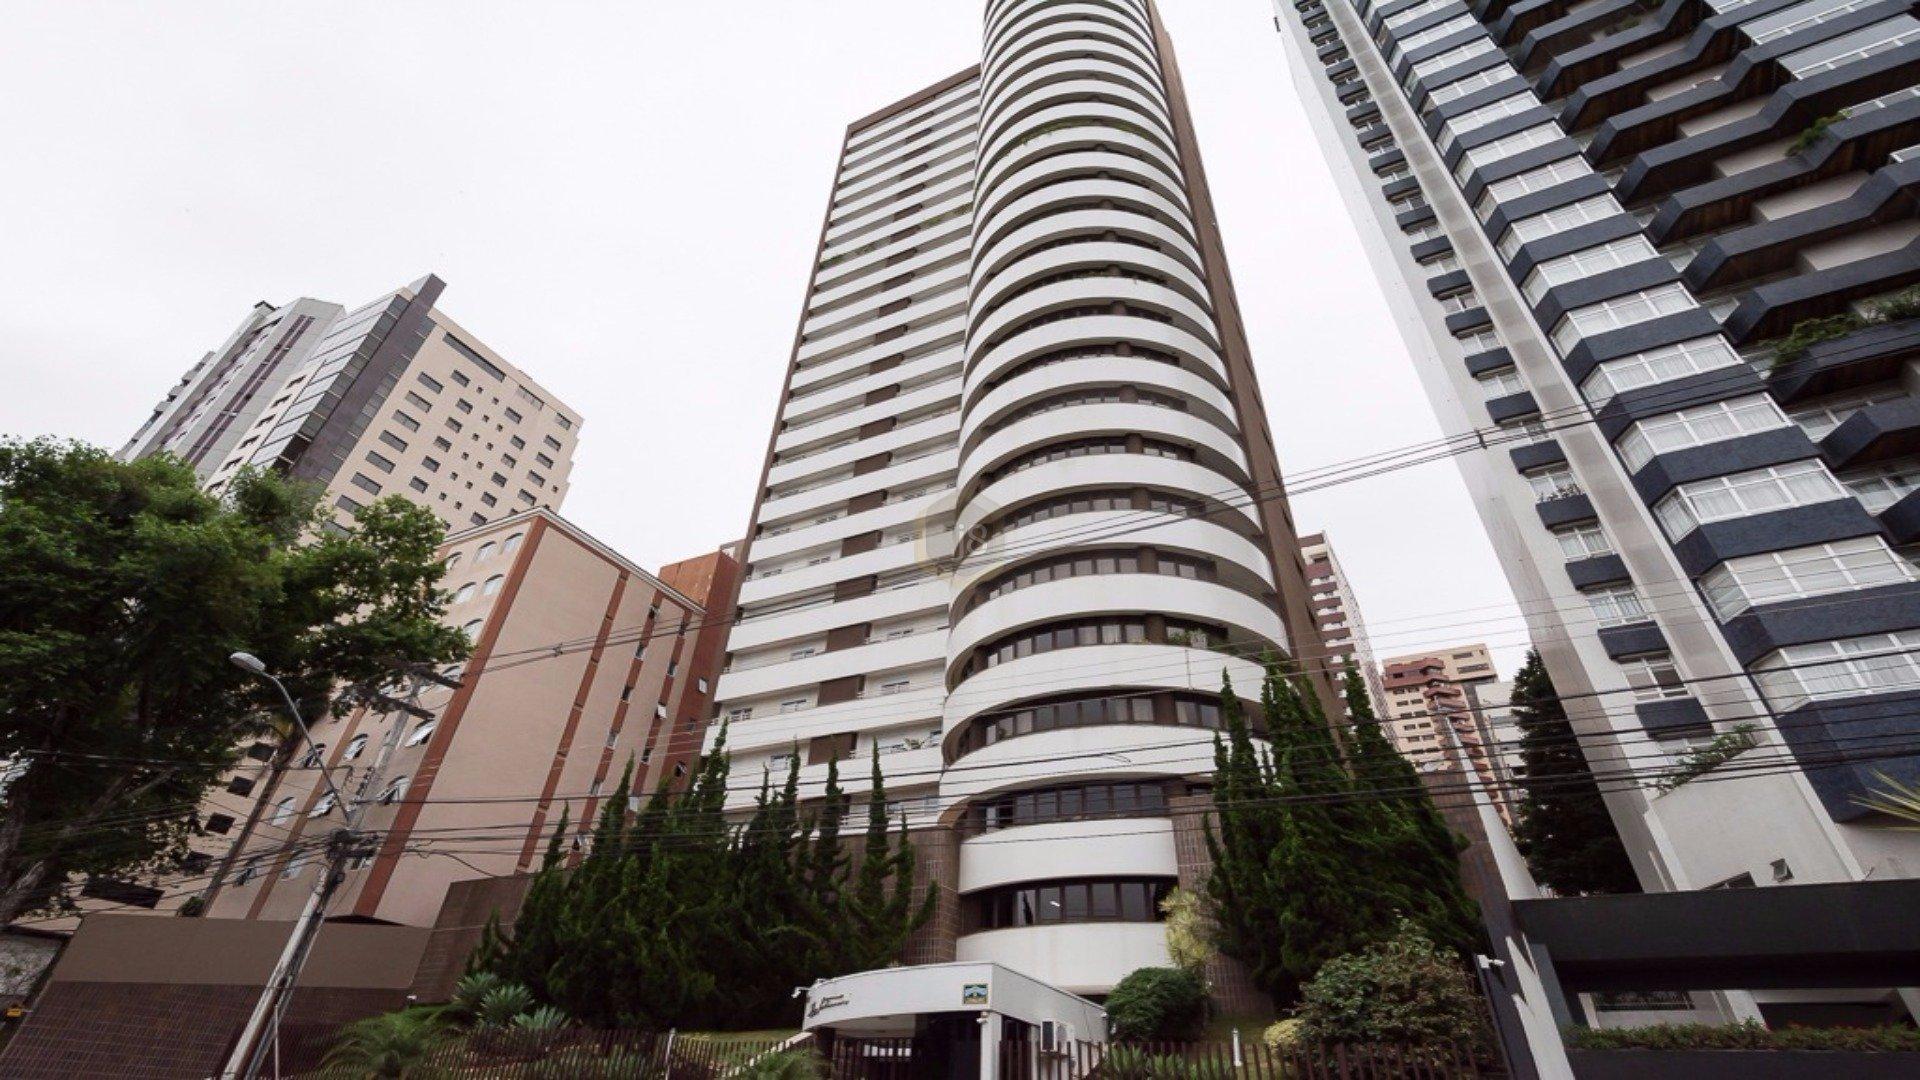 Foto de destaque Belíssimo apartamento com ótima localização em curitiba.